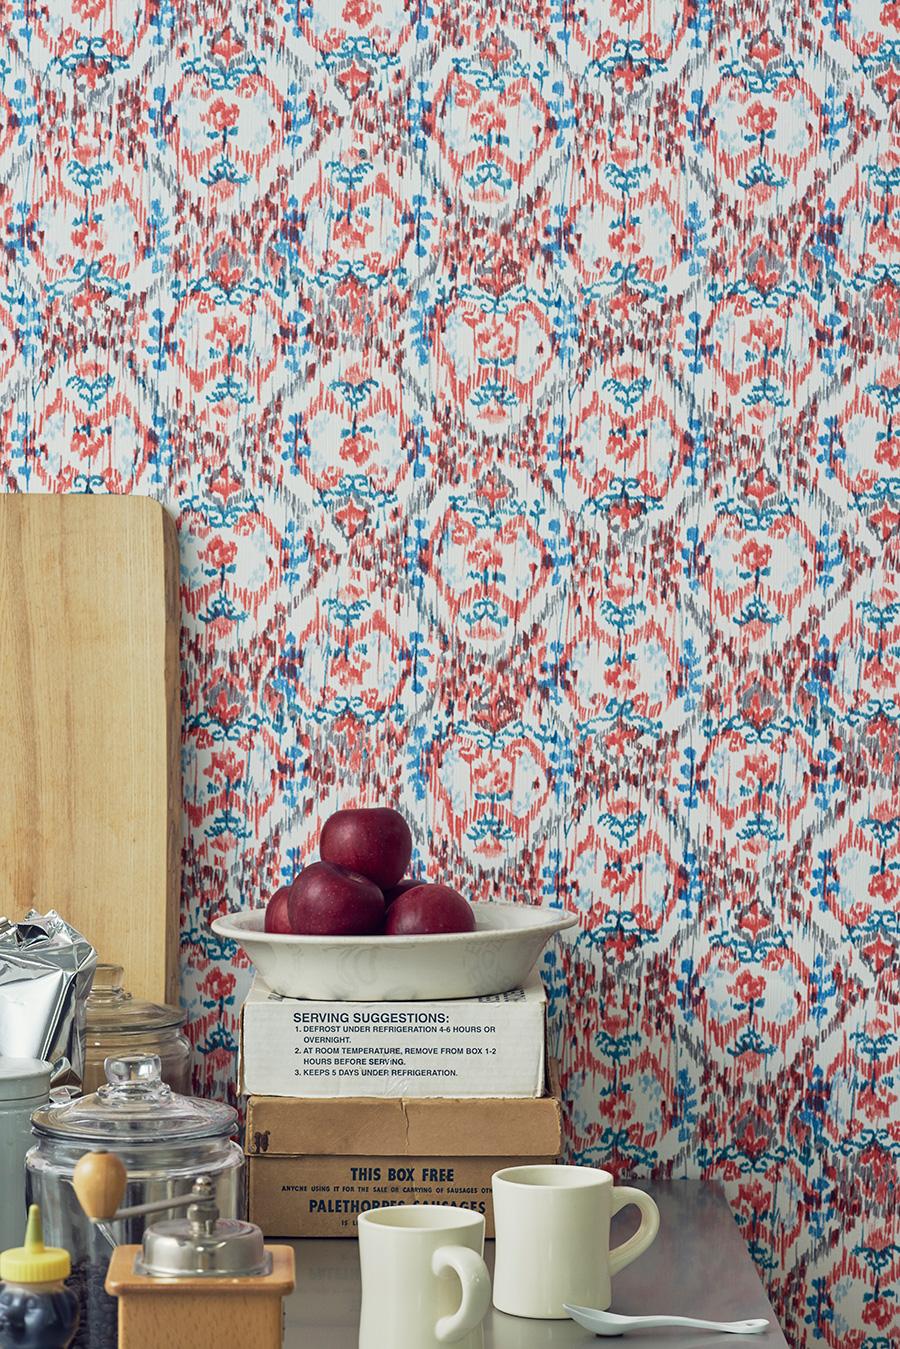 壁に近づくと、手作業の色鉛筆の温かでカジュアルな表情が見えてくる。